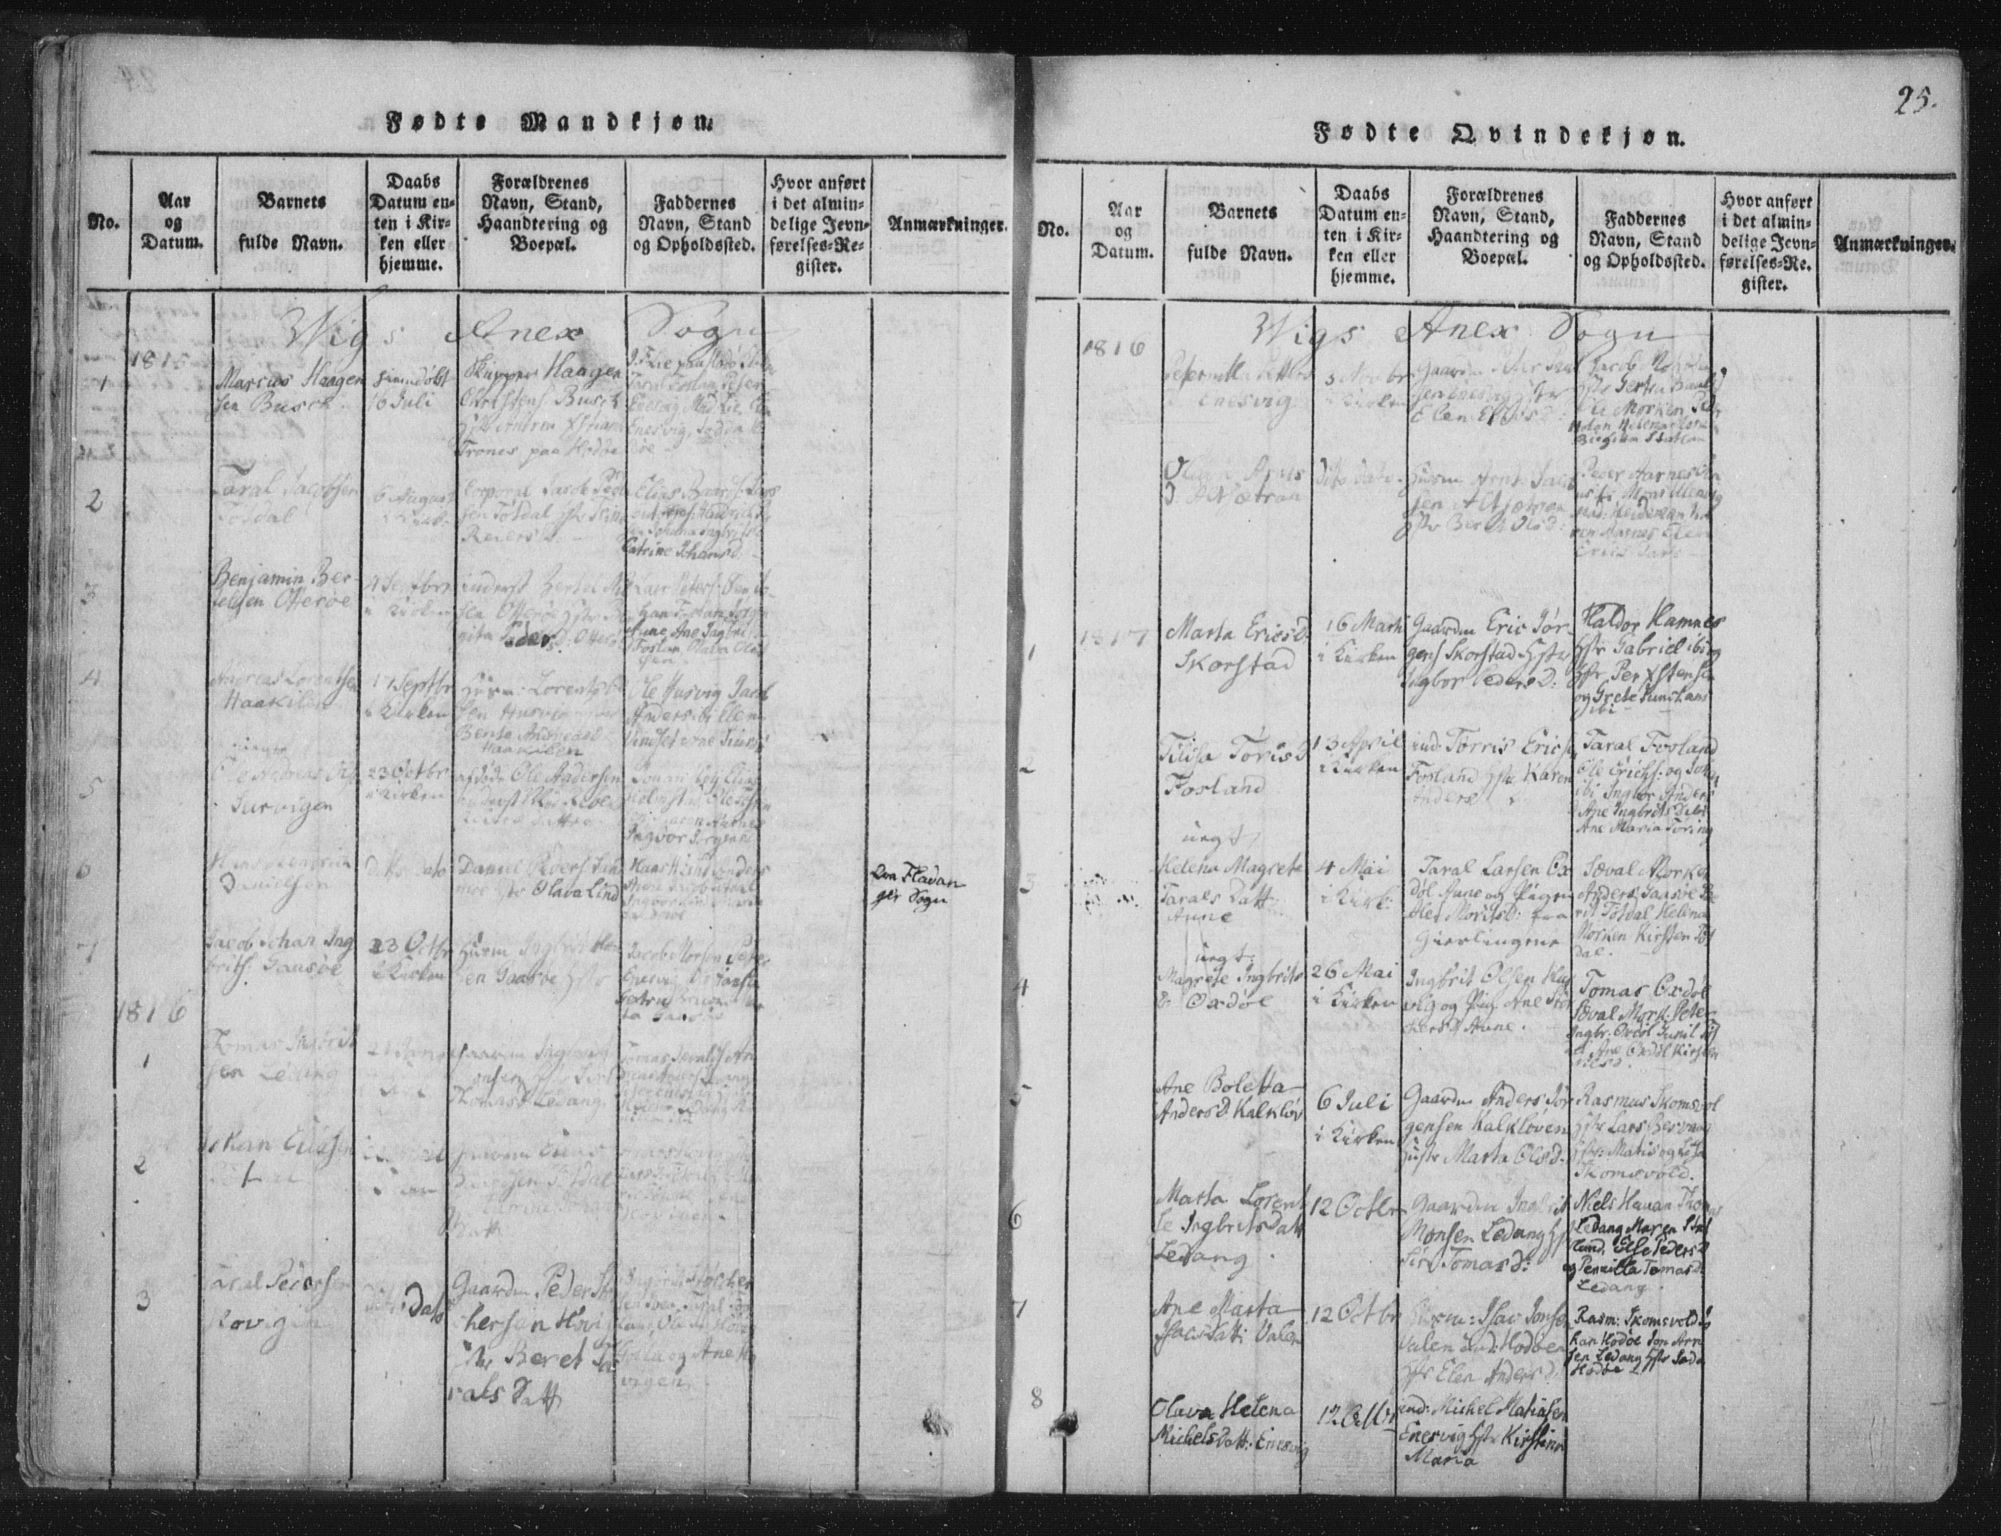 SAT, Ministerialprotokoller, klokkerbøker og fødselsregistre - Nord-Trøndelag, 773/L0609: Ministerialbok nr. 773A03 /2, 1815-1830, s. 25